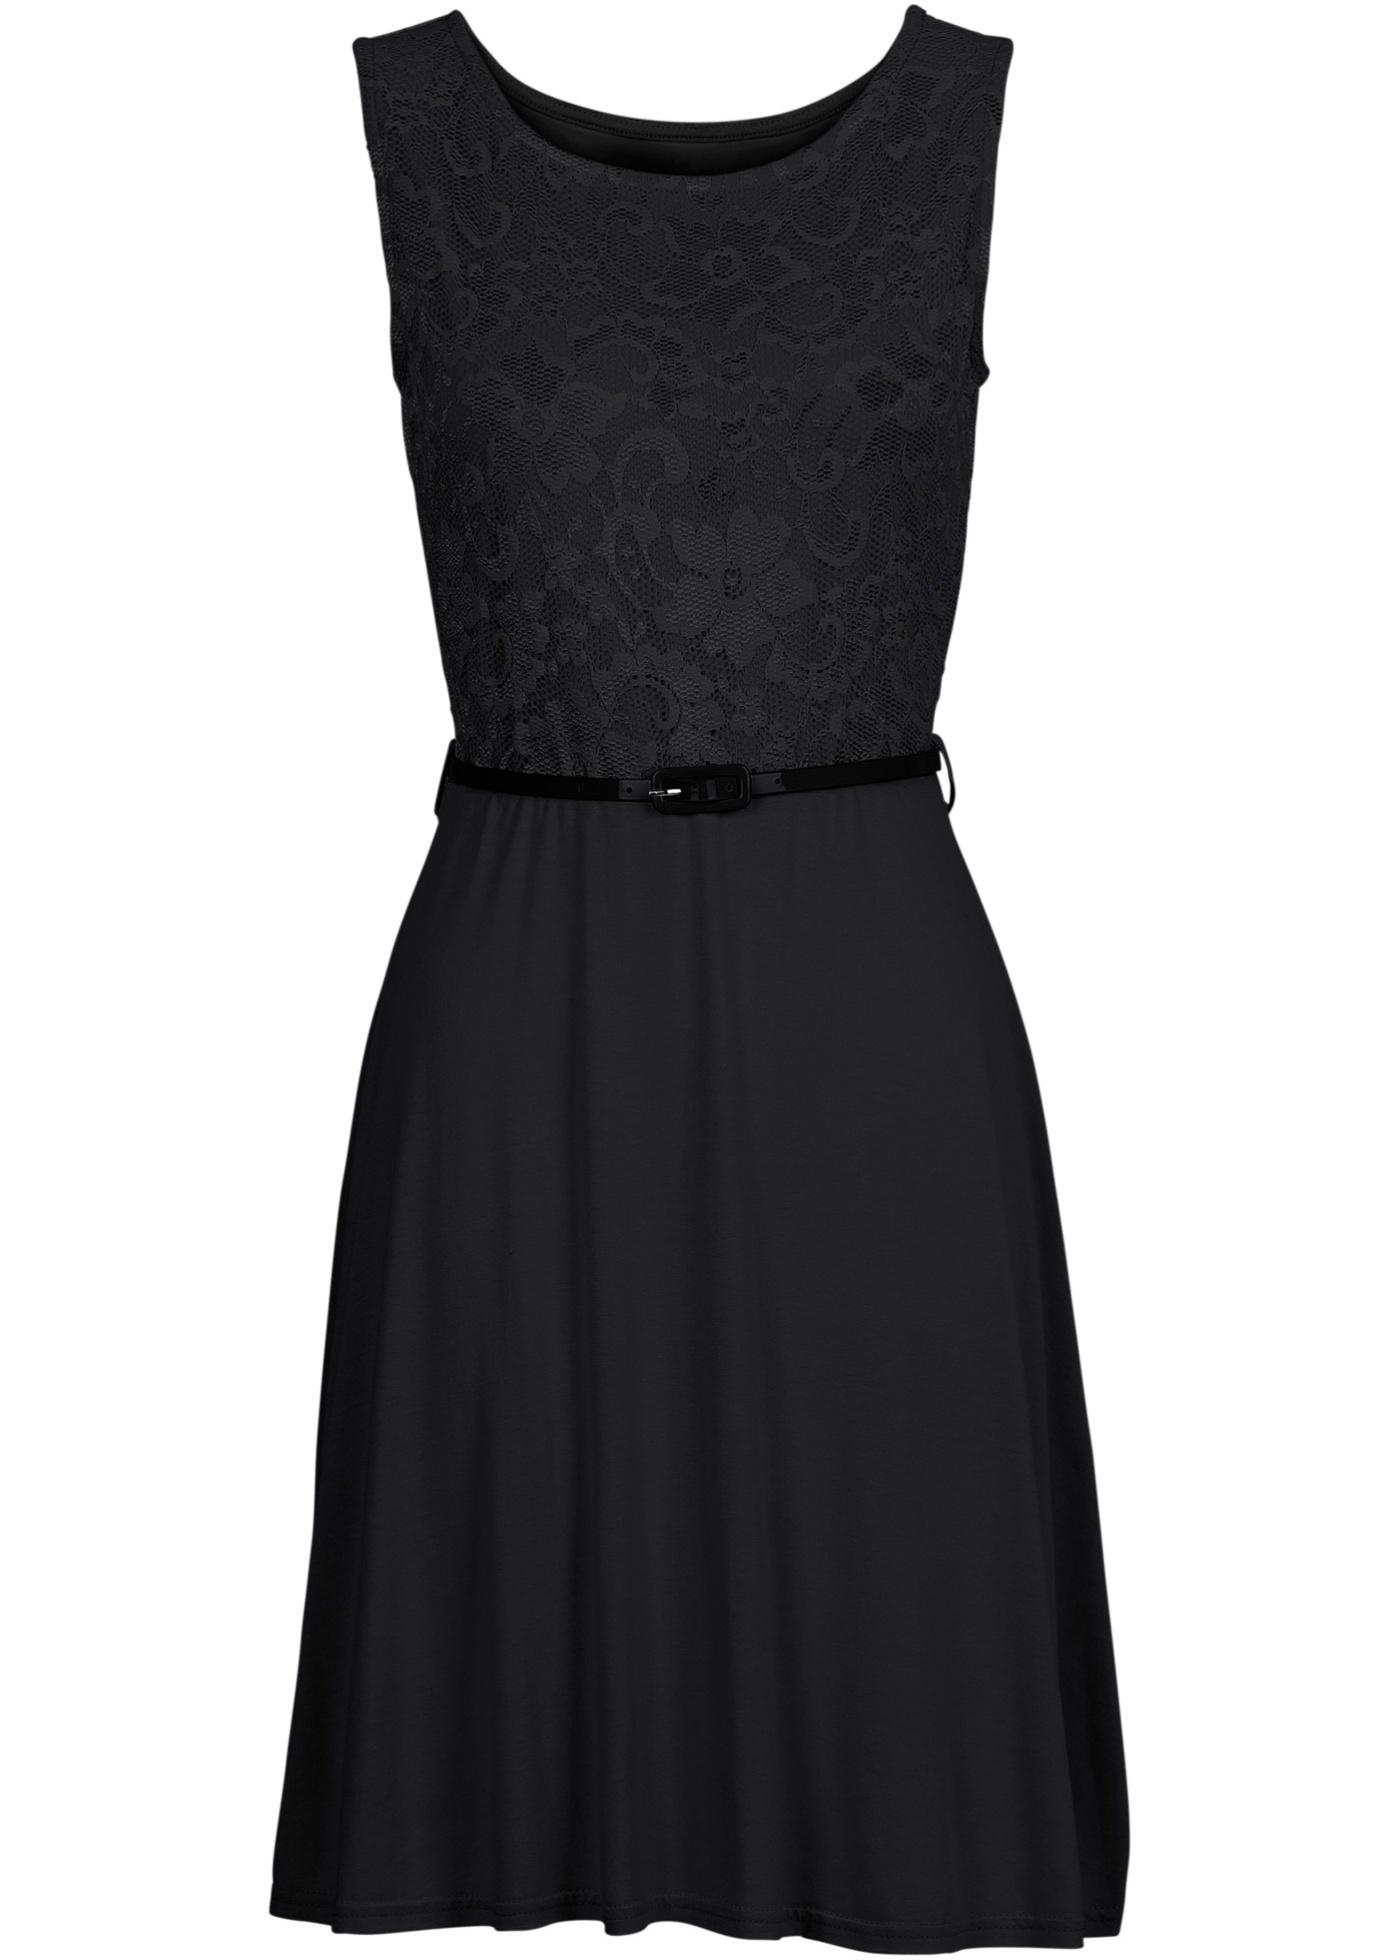 Šaty s krajkou - Černá